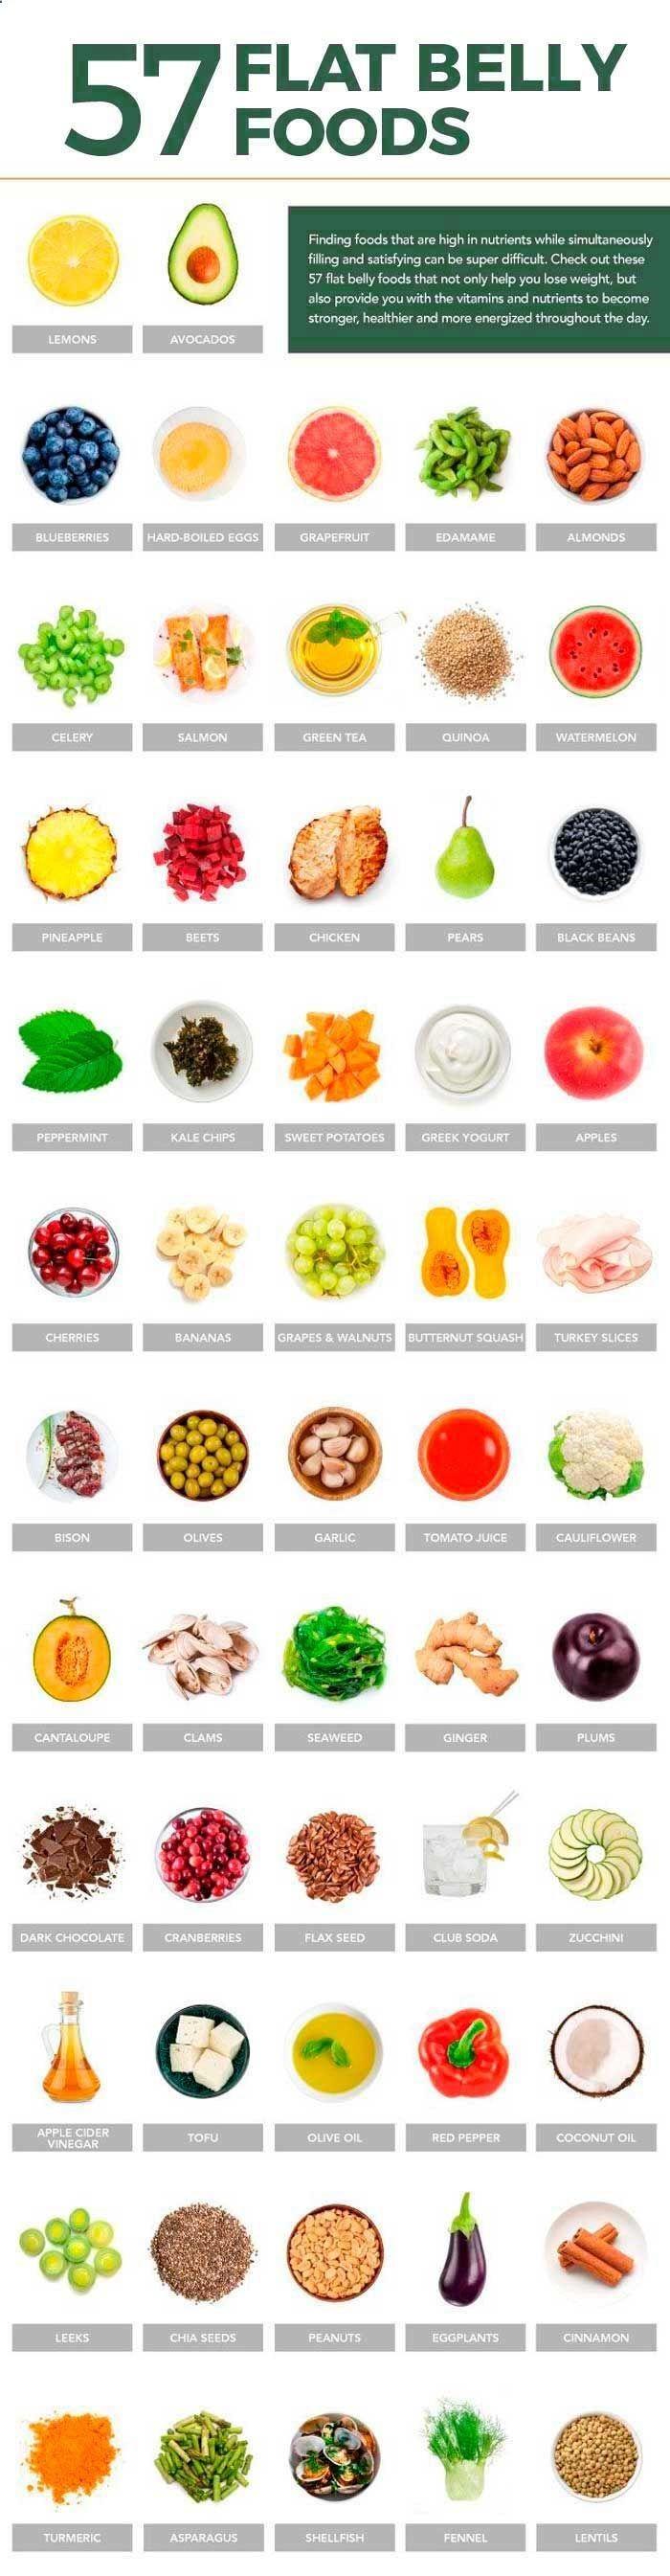 Online diet plan for weight gain